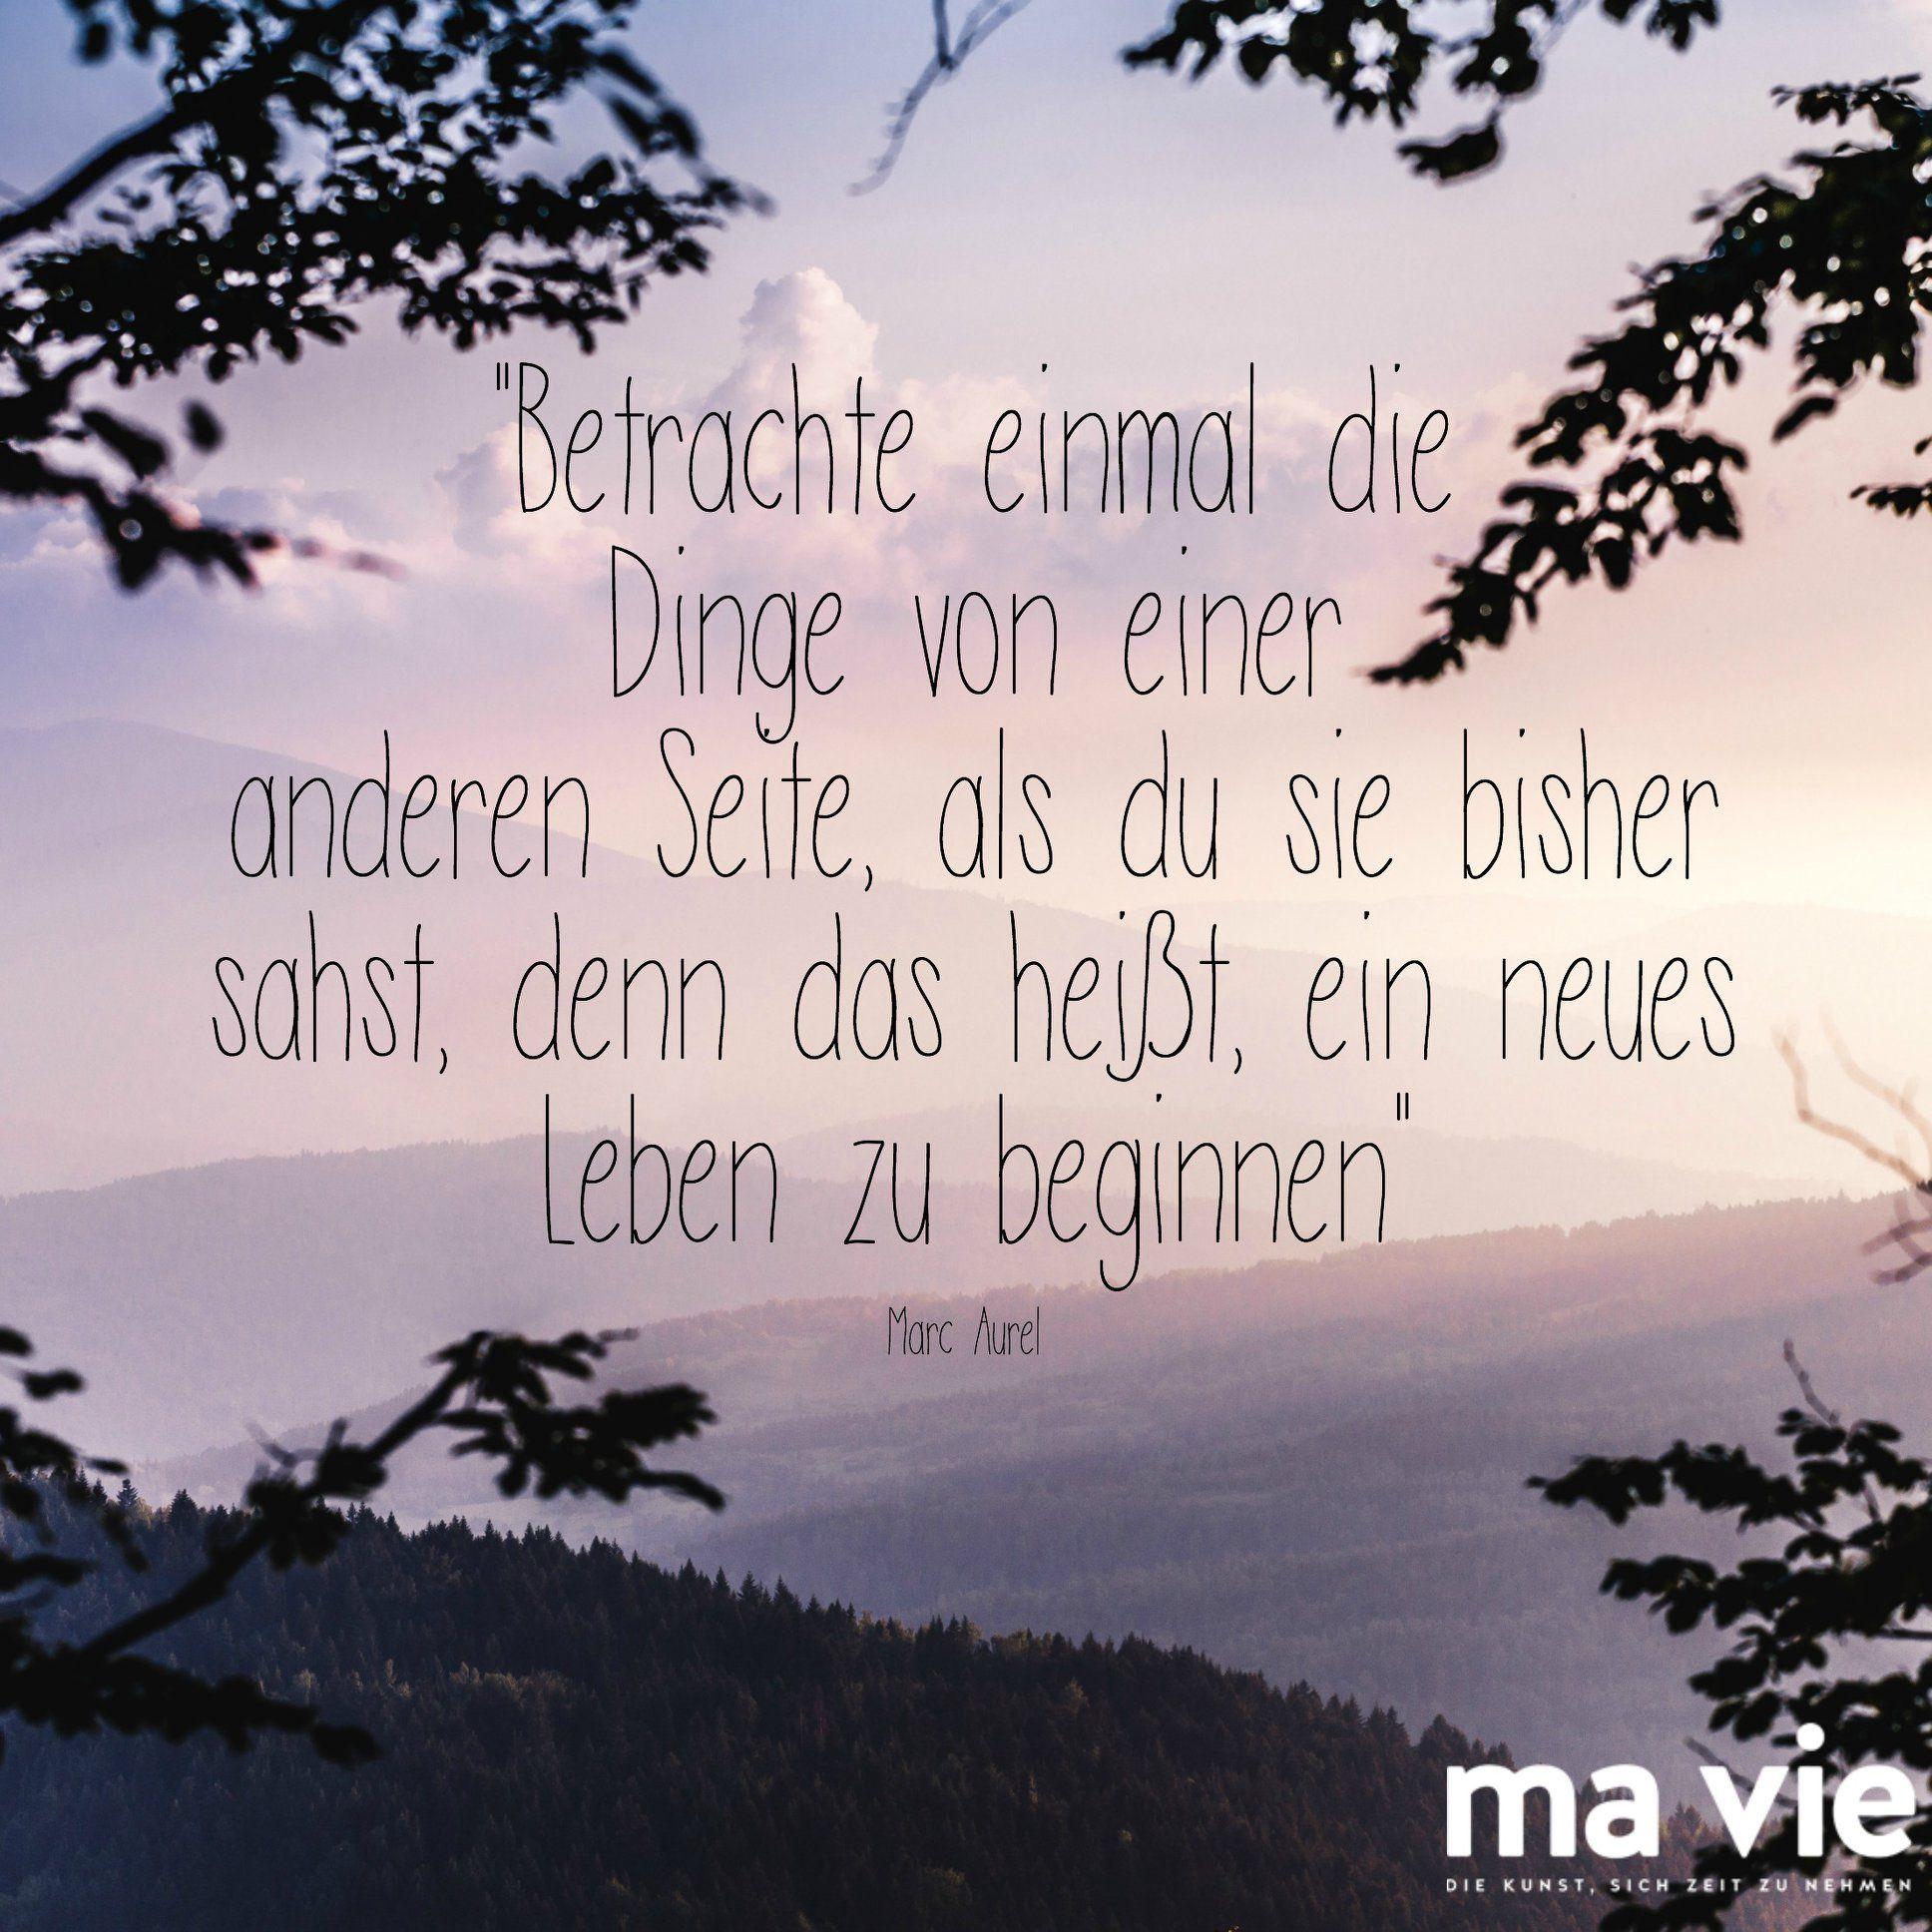 Zeit Fur Einen Perspektivenwechsel Zitat Spruch Weisheit Marc Aurel Weisheiten Zitate Zeit Spruche